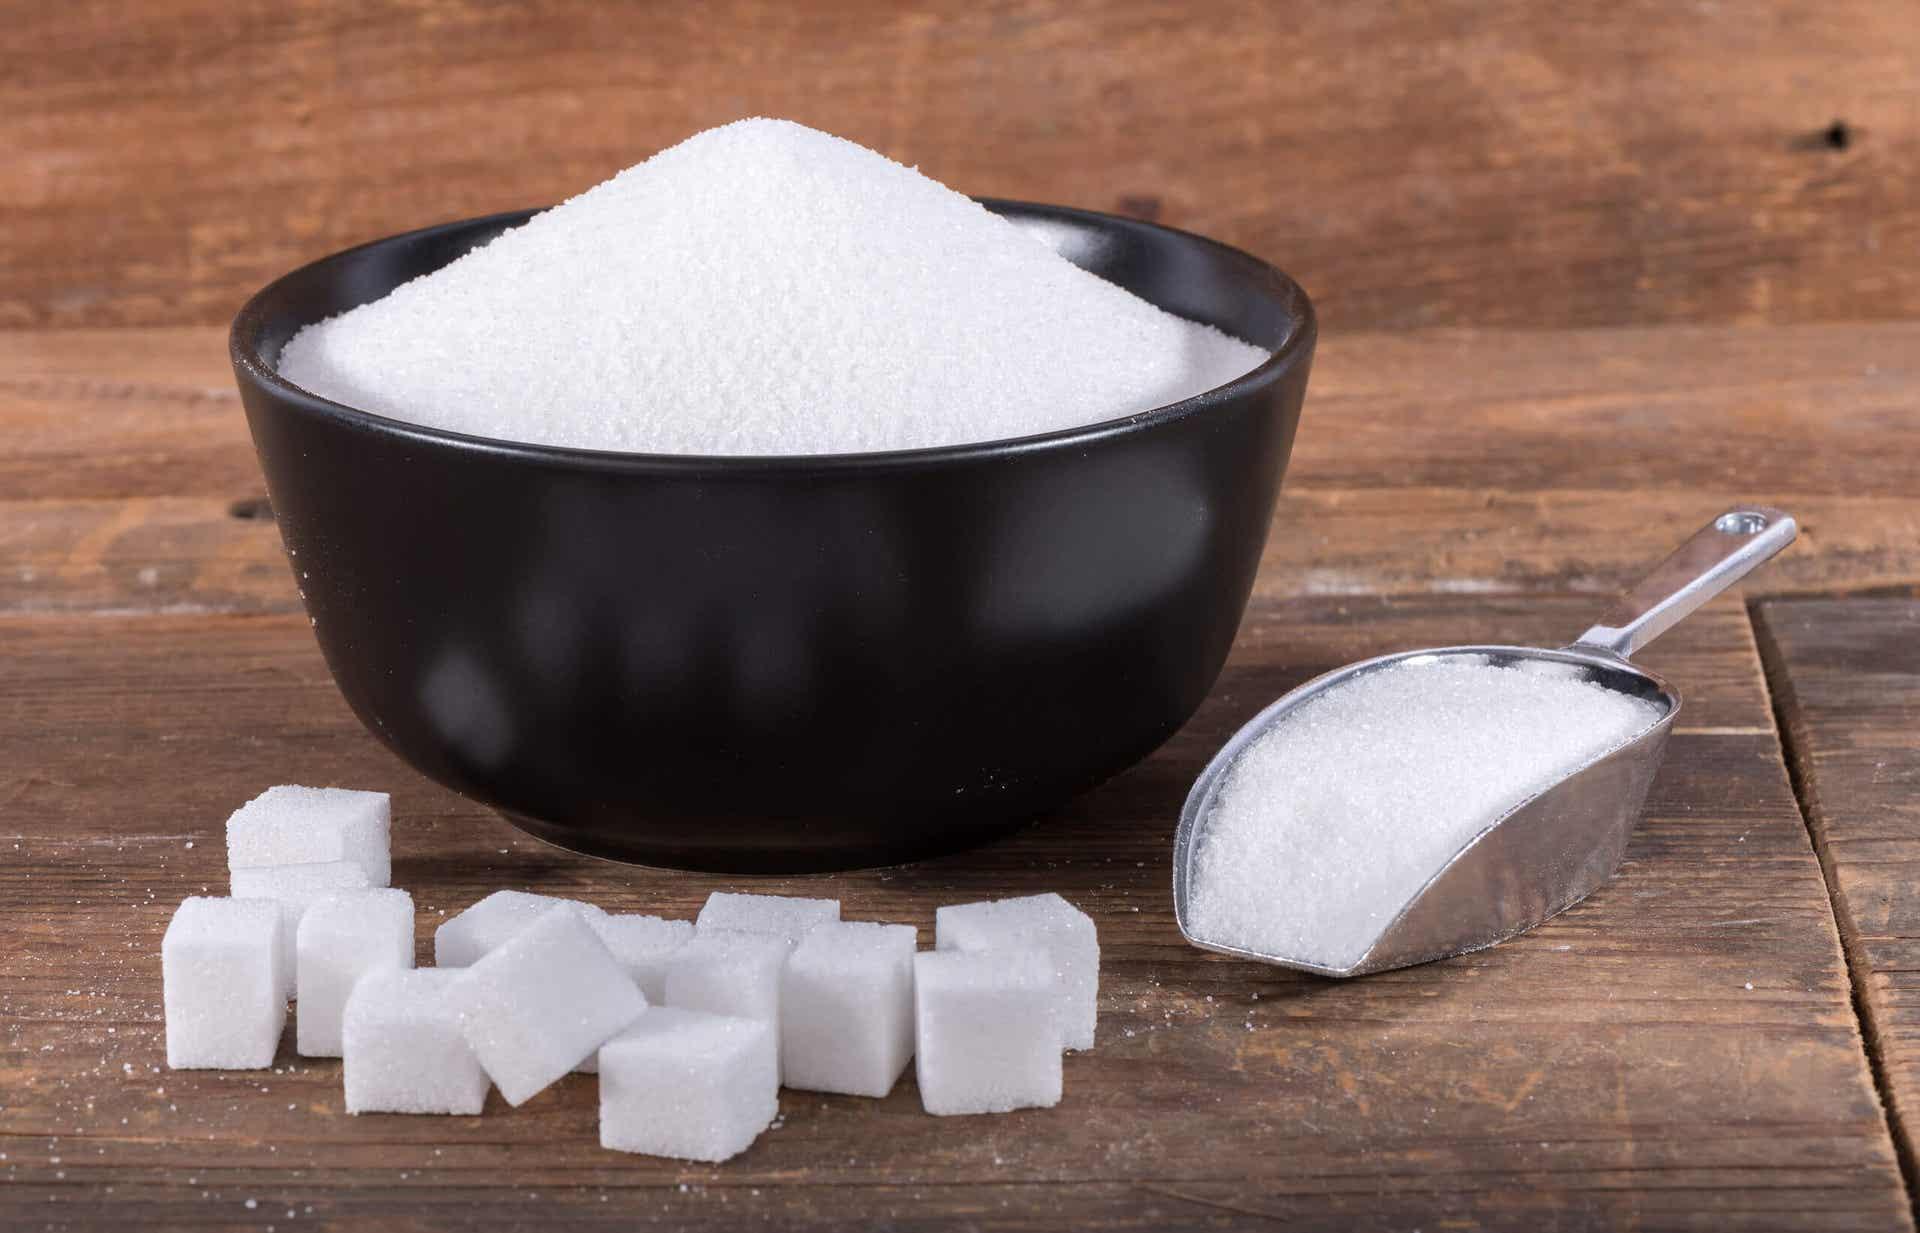 A bowl of sugar and sugar cubes.